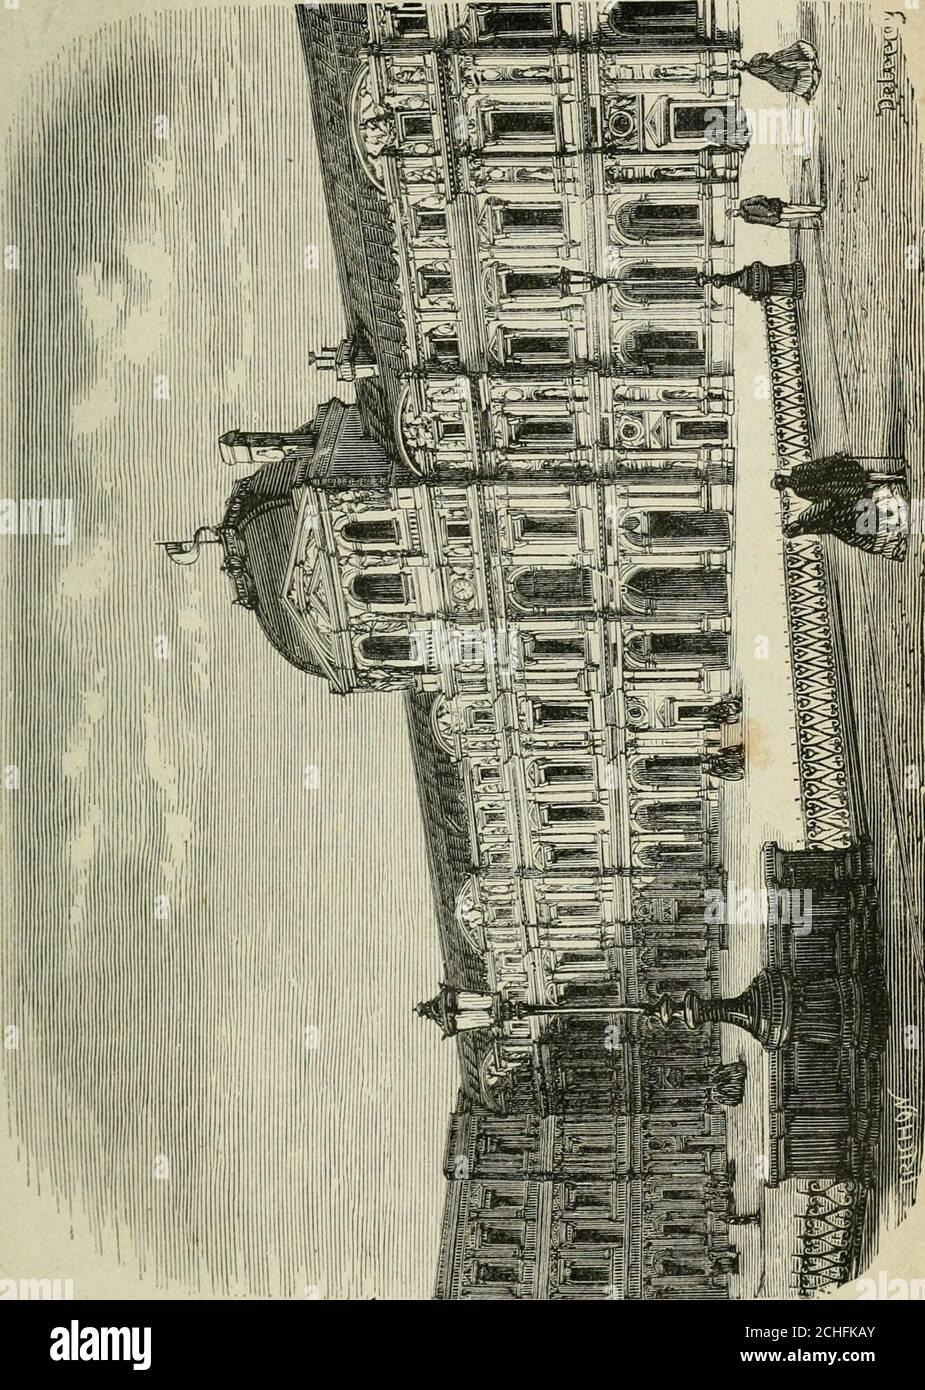 . Les merveilles du nouveau Paris-- . Sauvai, en prome-nant ses regards sur la ville, « on voit la distribution etle cours de toutes les rues, comme les veines du corpshumain. » Nous parlerons ici de deux bois qui, quoique situés endehors de lenceinte fortifiée, font partie intégrante de lavie parisienne. CEST dabord le bois de Boulogne, lorgueil et le lieu deprédilection de tout véritable Parisien. Il sétend à louest Deparis, de la porte Maillot au bord de la Seine. CE bois, dé-bris de la forêt de Rouvray, fut néglicé jusque sous le pre-mier Imperio : Napoléon Ier y fit tracer quelques rutas, Foto de stock